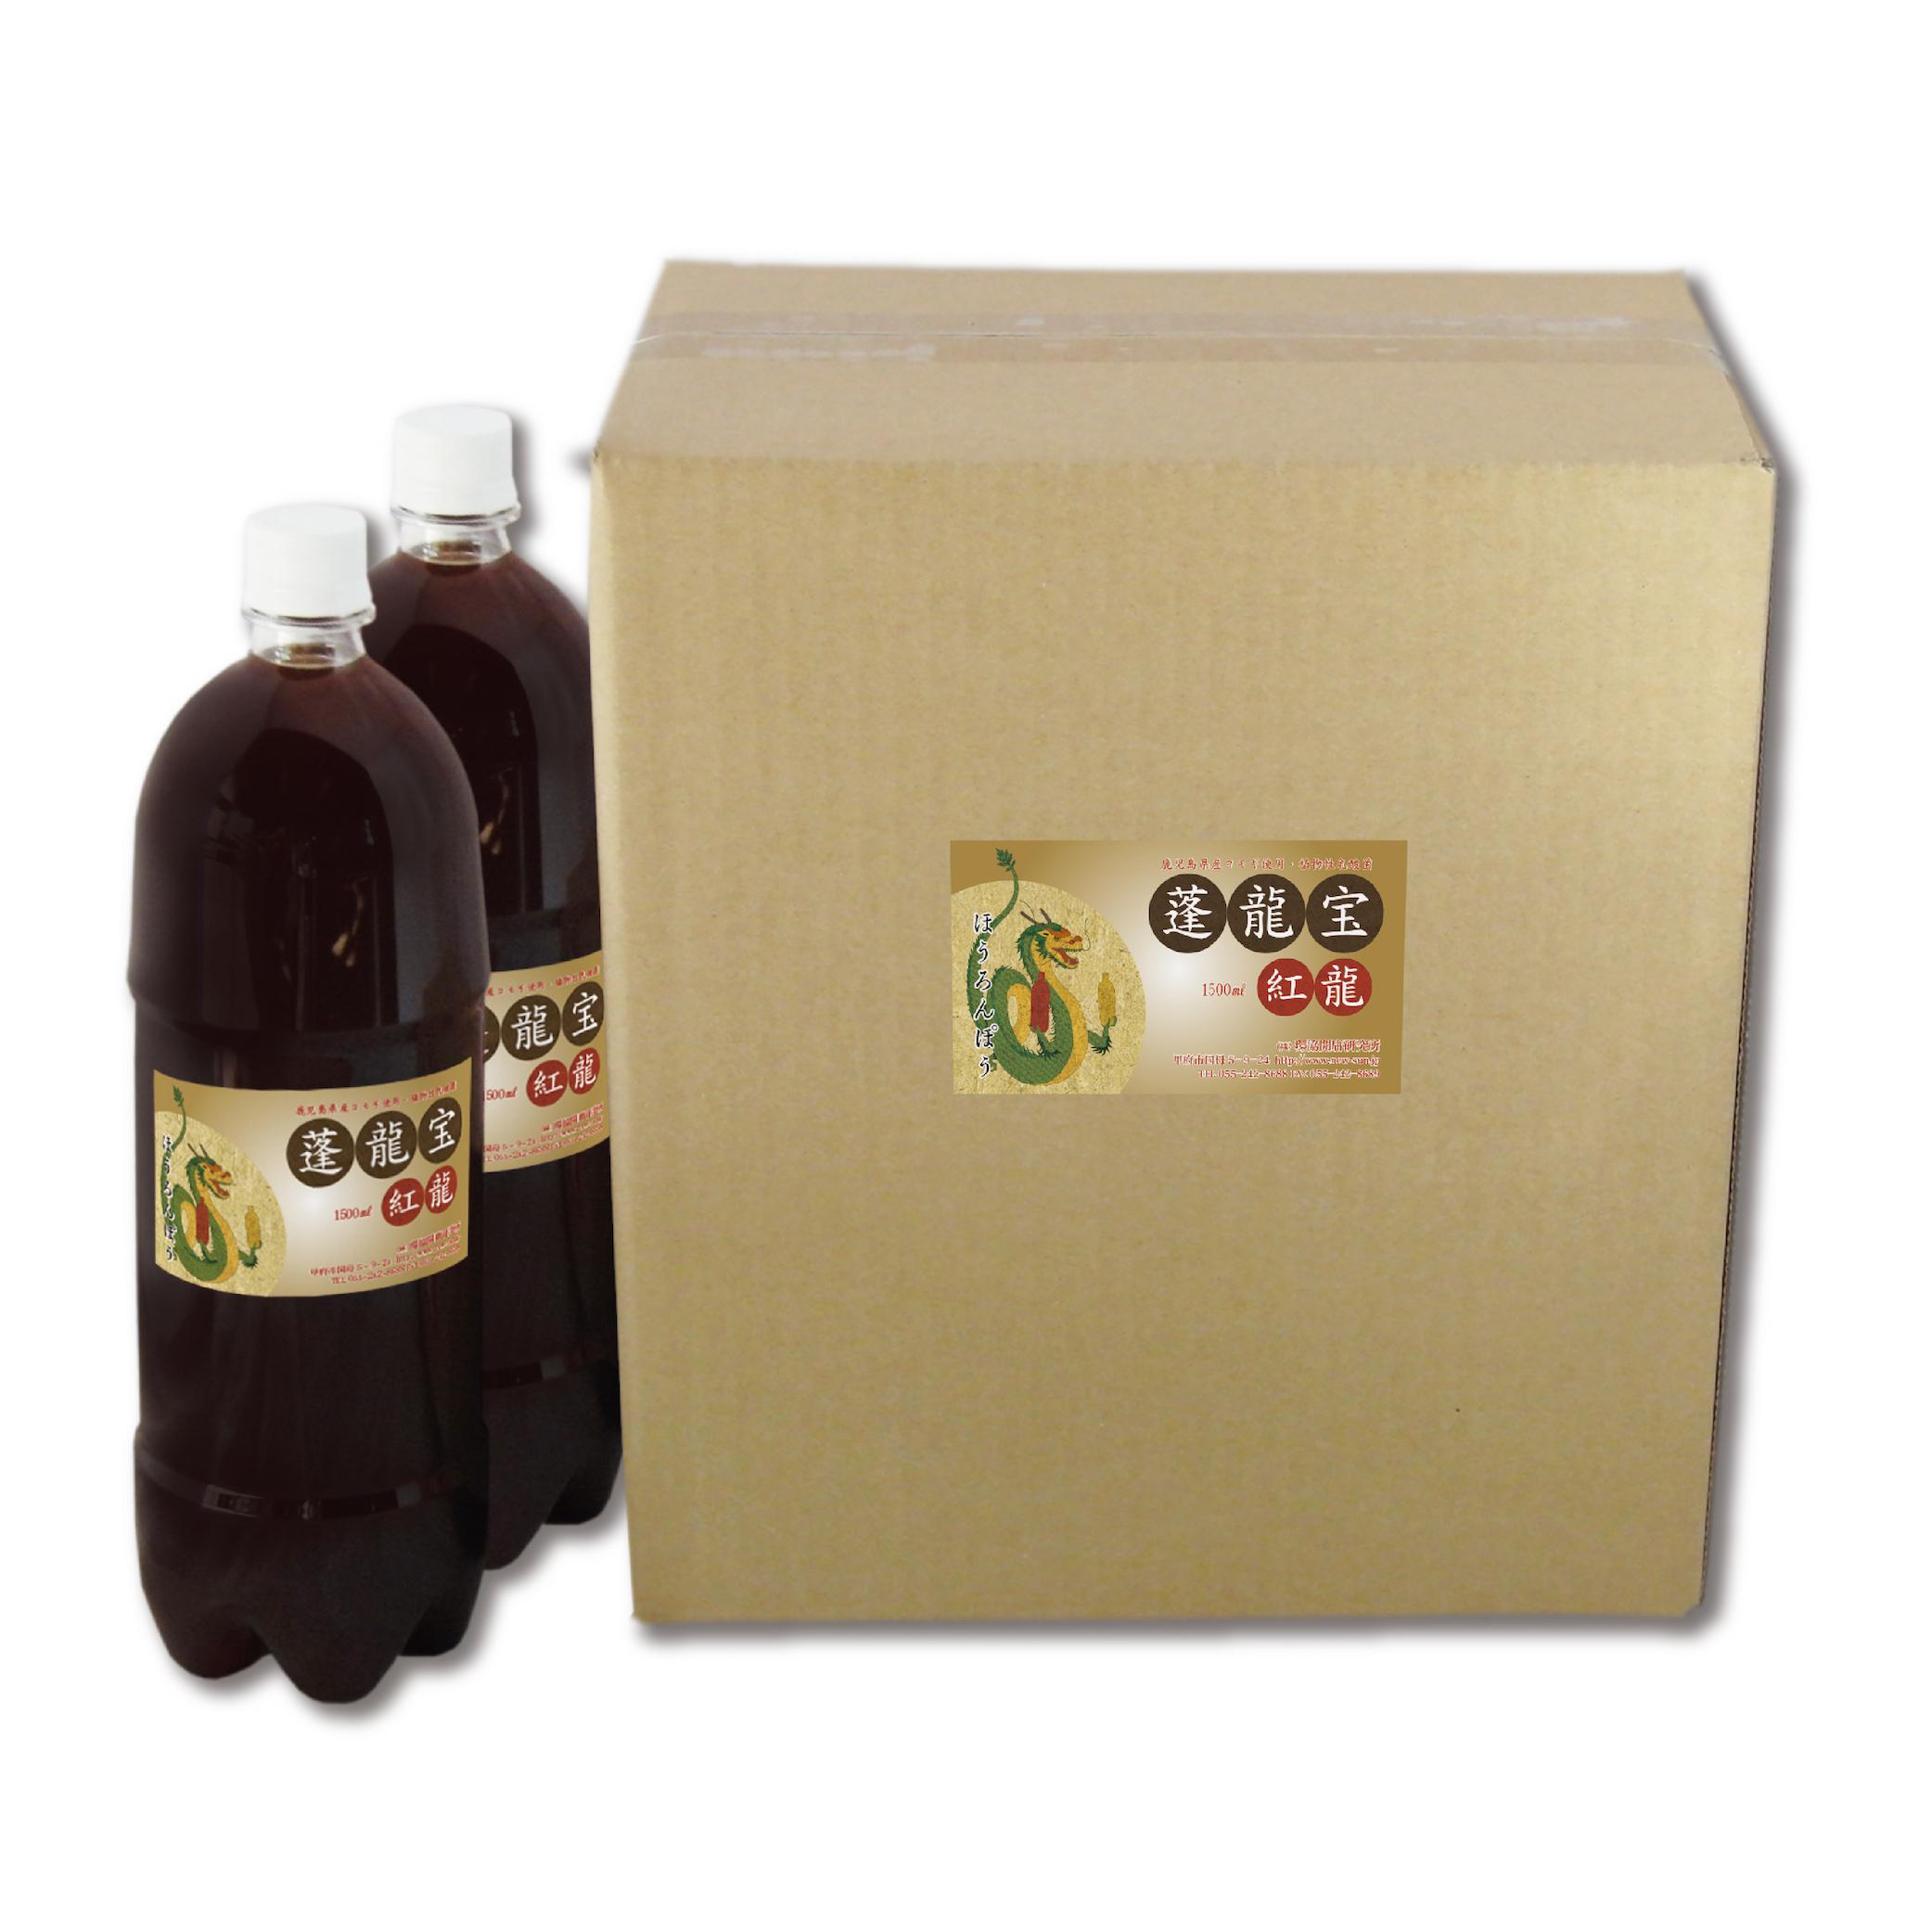 蓬乳酸菌液ホウロンポウ 1.5 liter6本箱入り